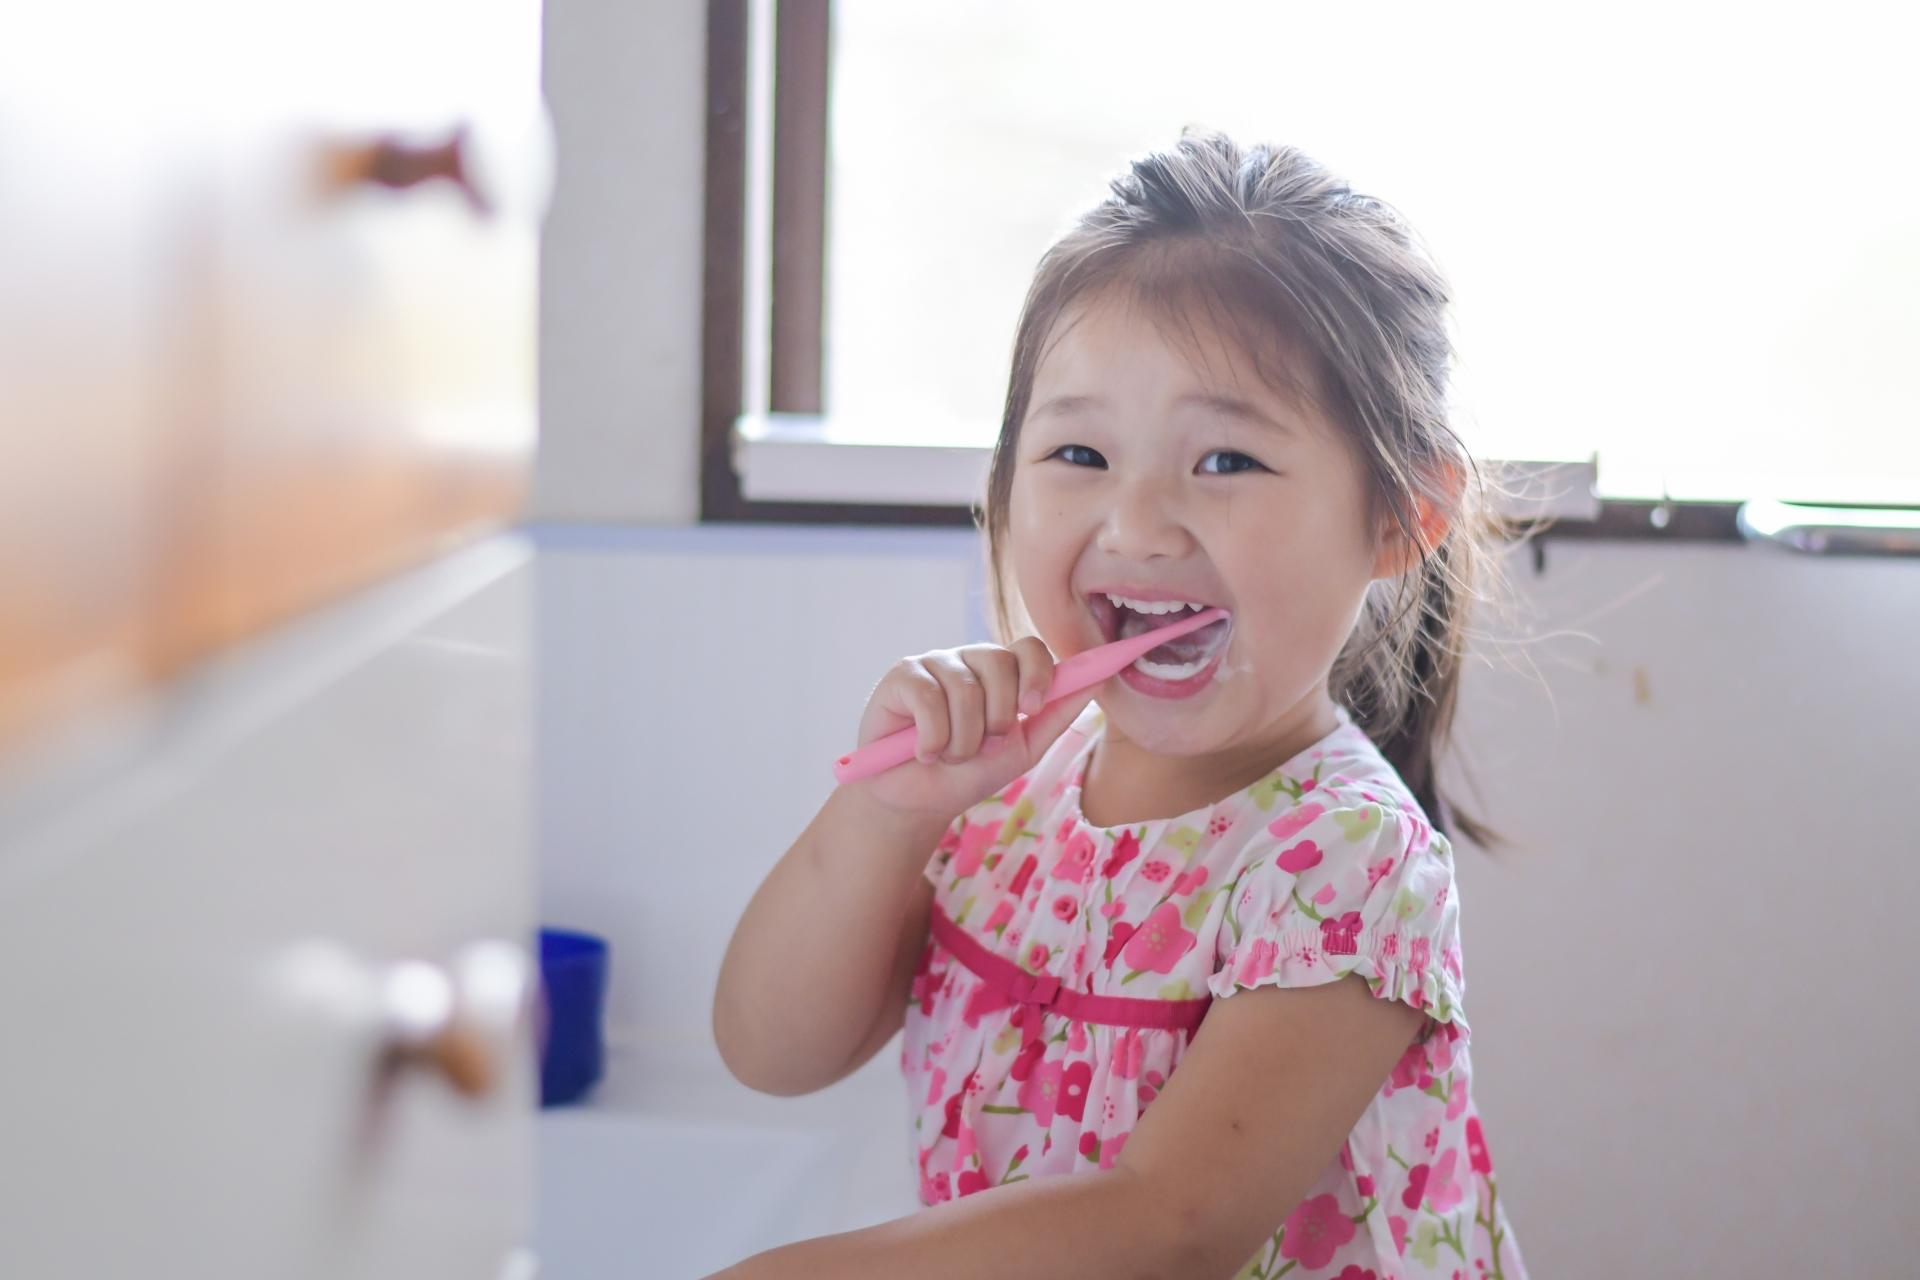 360度歯ブラシから2歳でまたまた他の歯ブラシに乗り換えた話